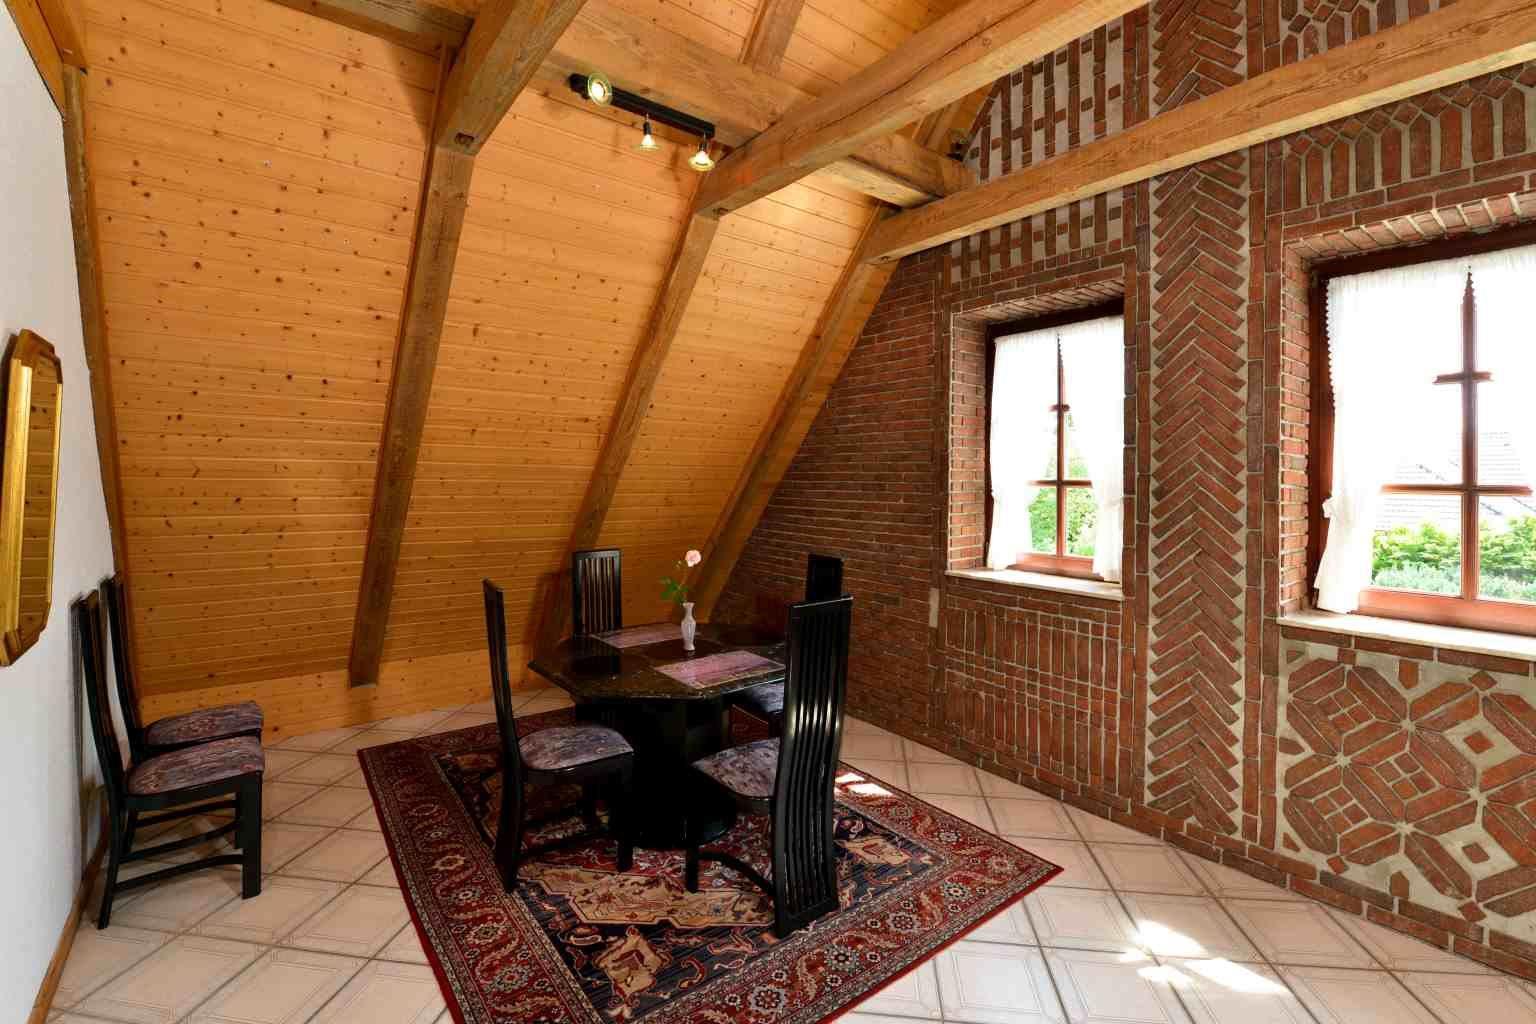 Ferienwohnung Haus Anna Wohnung OG, Tating, Region Halbinsel Eiderstedt - für bis zu 4 Personen.